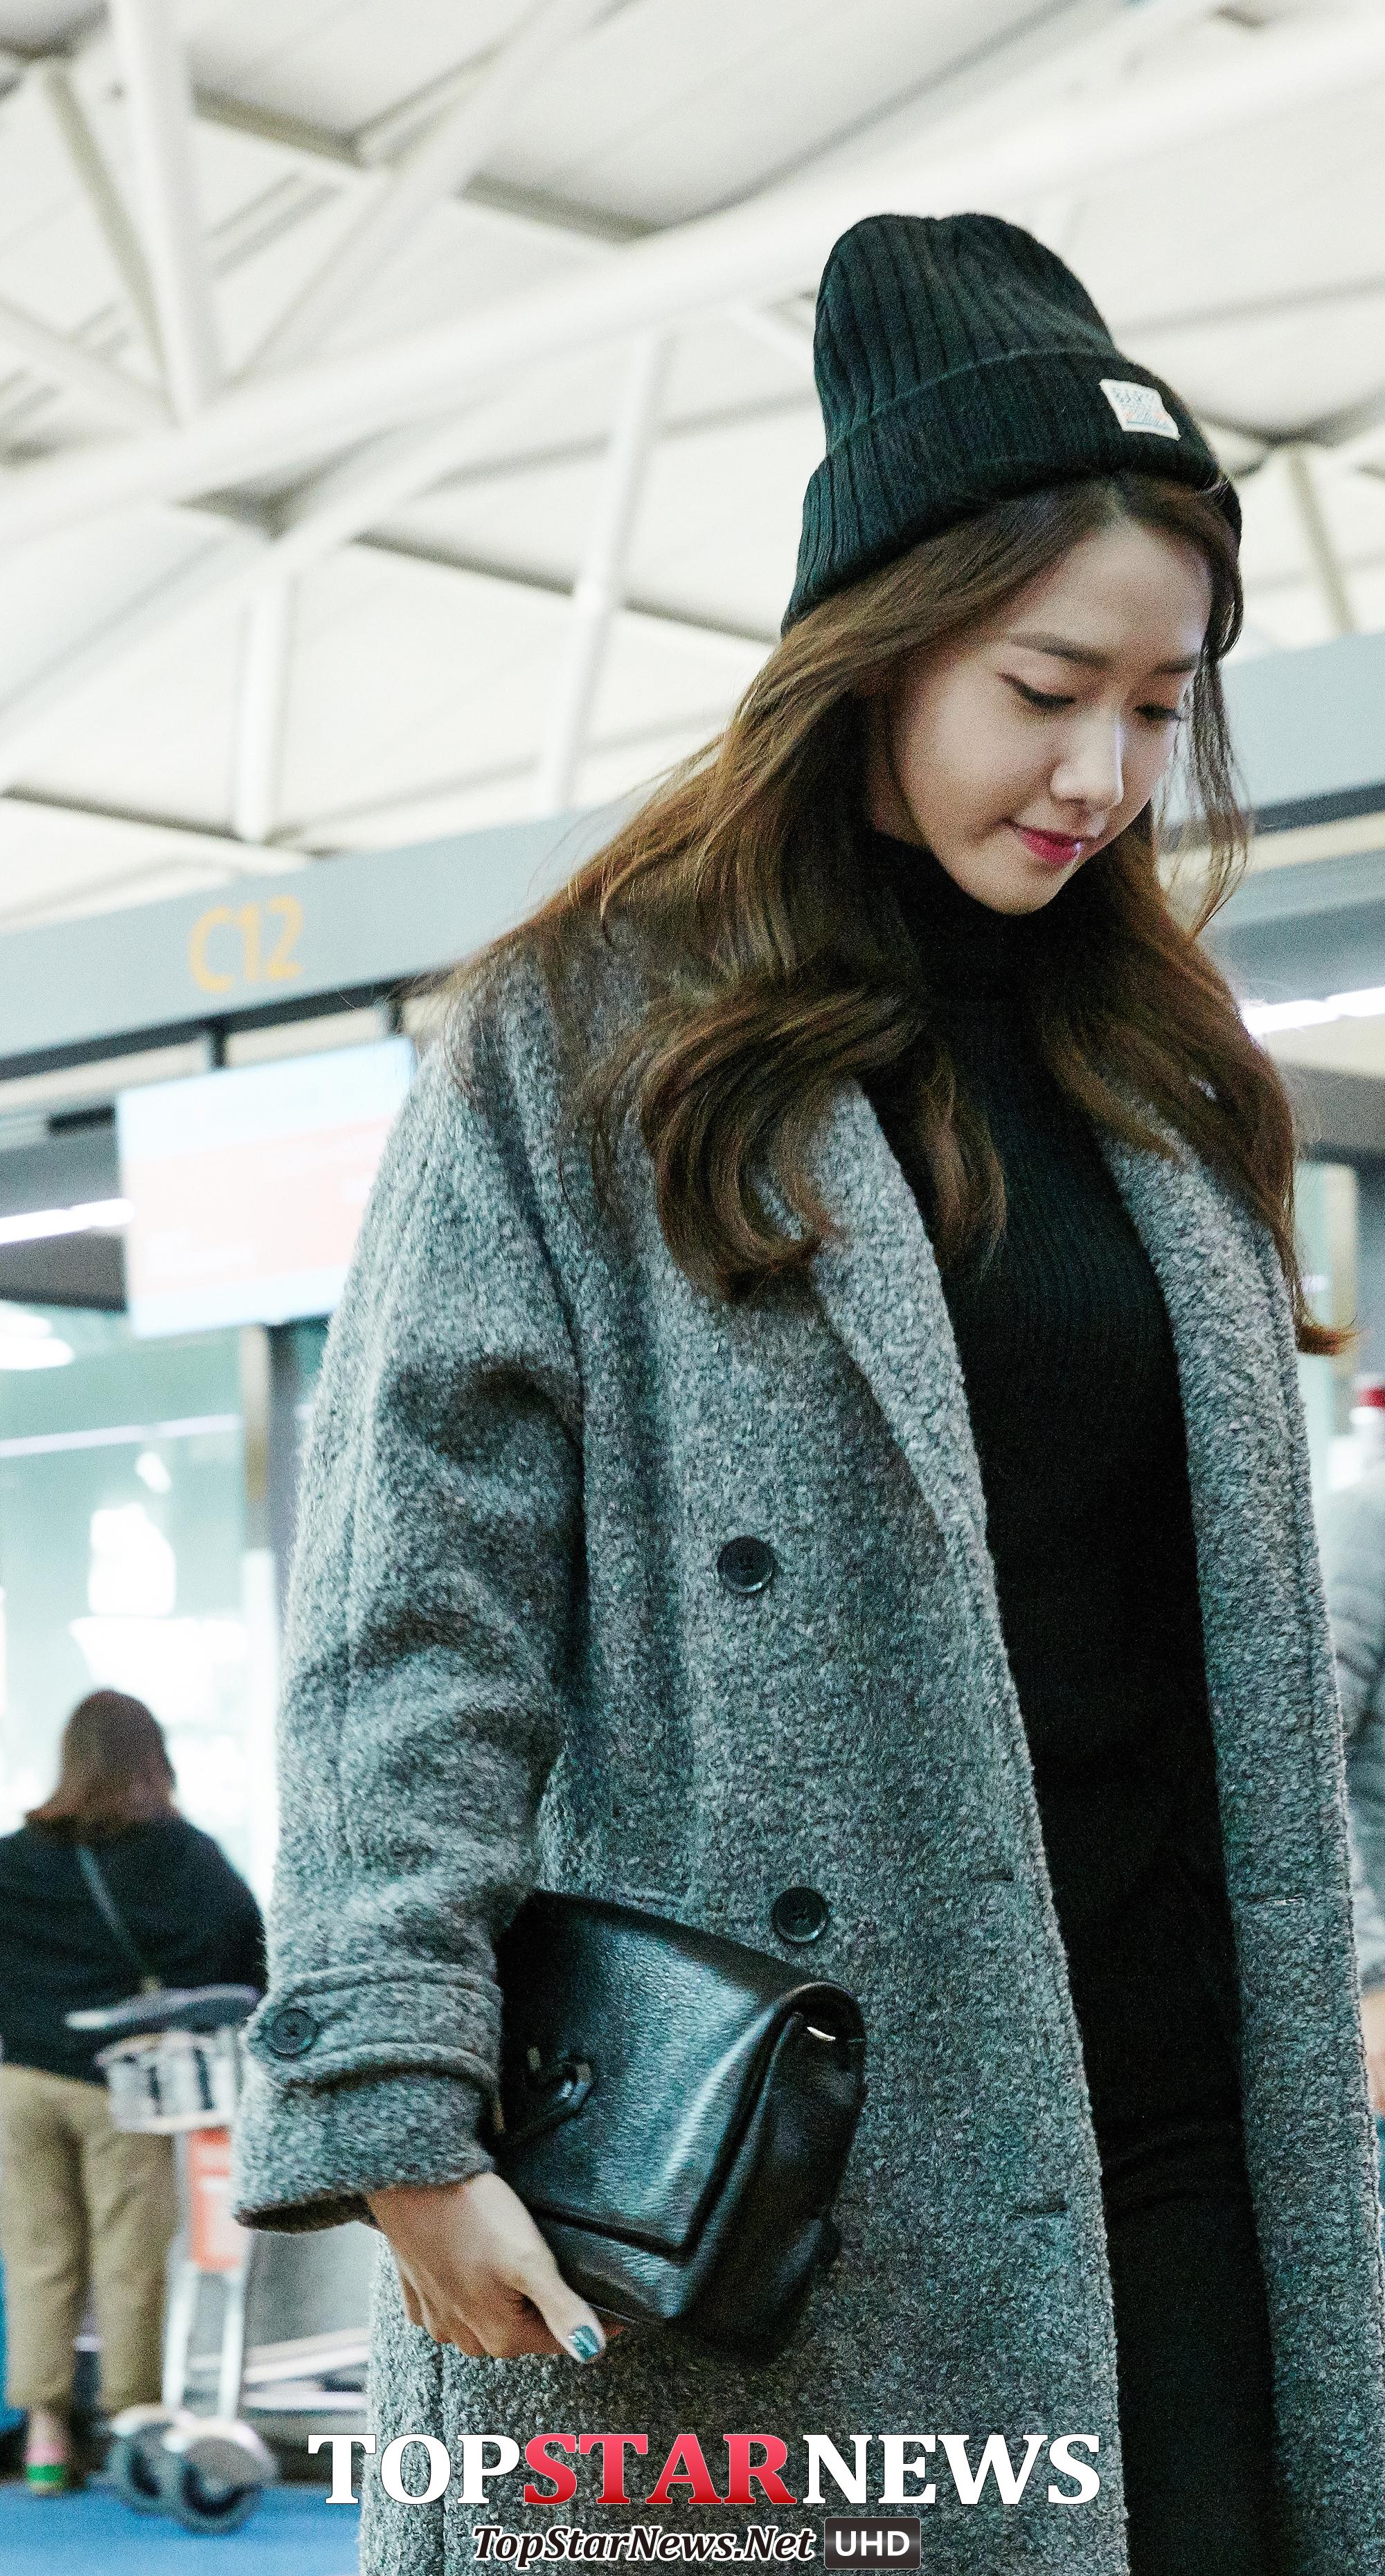 最後來看看前陣子才來到台灣的潤娥★時髦指數:95% 寬鬆大衣加上針織帽既甜美也讓全身的輕重得到適當平衡喔~